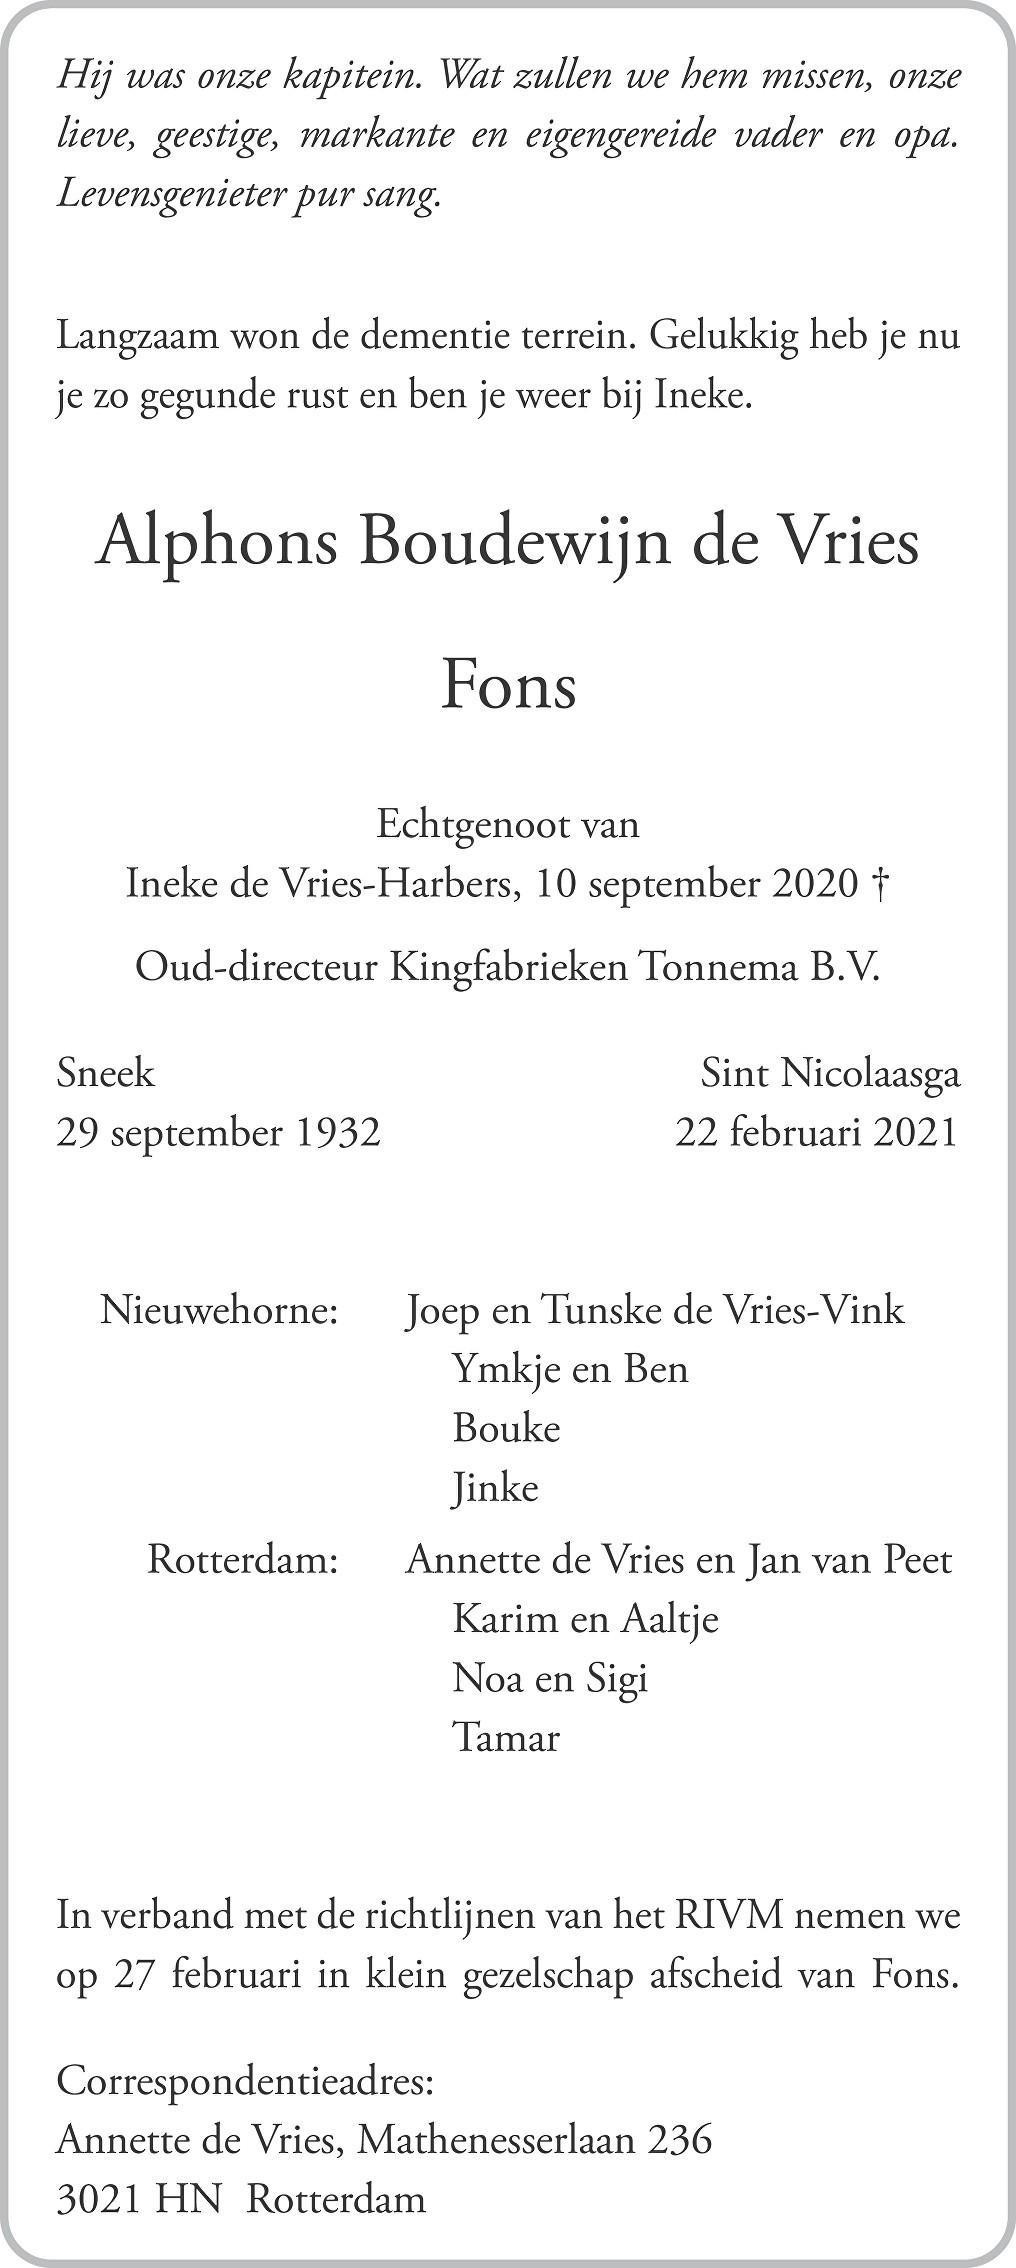 Alphons Boudewijn Vries Death notice